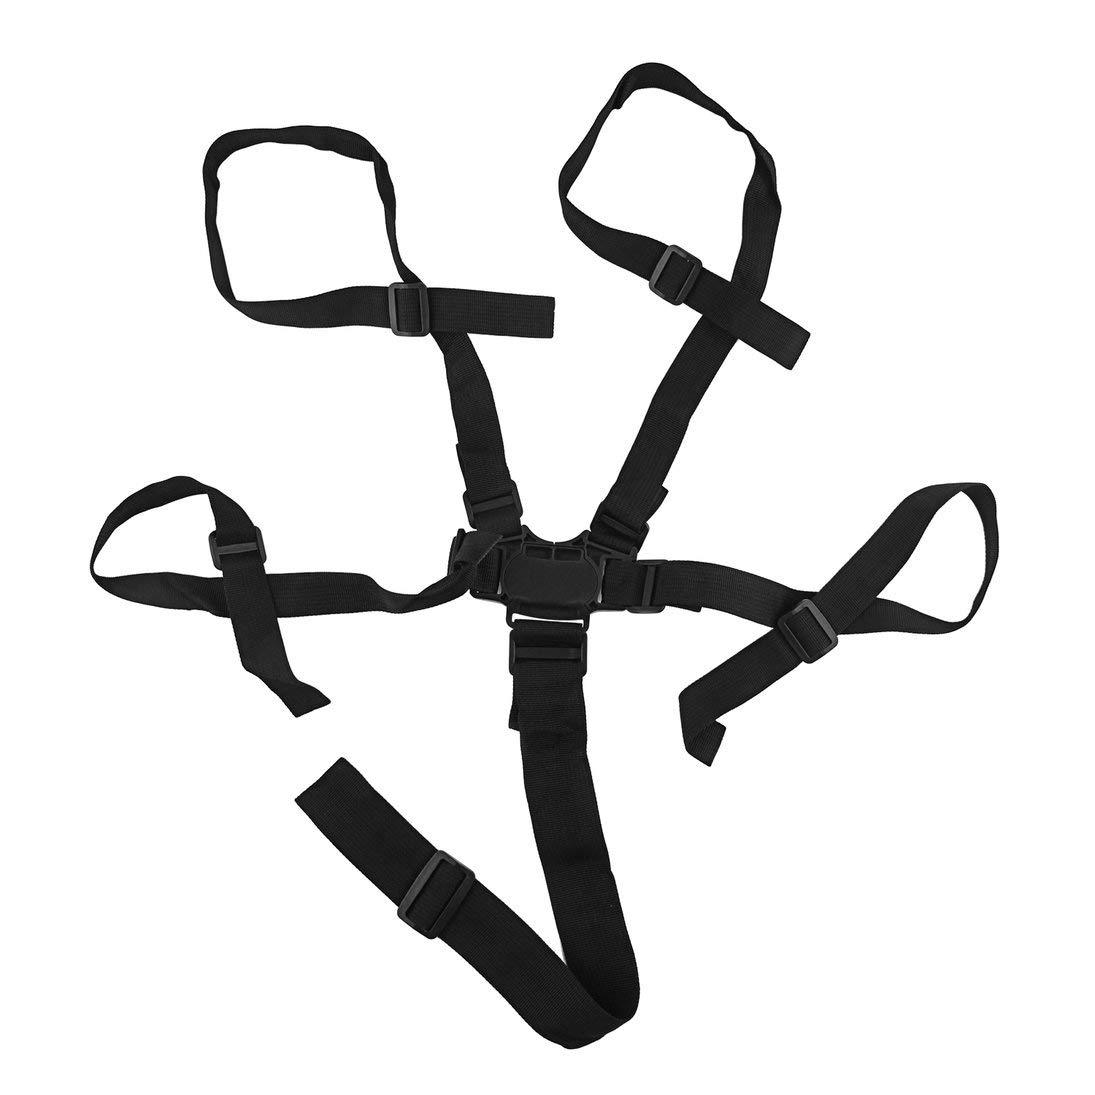 WEIHAN Beb/é Universal Arn/és de 5 puntos Cintur/ón de seguridad Silla de beb/é Cintur/ón de seguridad Silla de comedor de alta calidad Vendaje Cintur/ón de seguridad